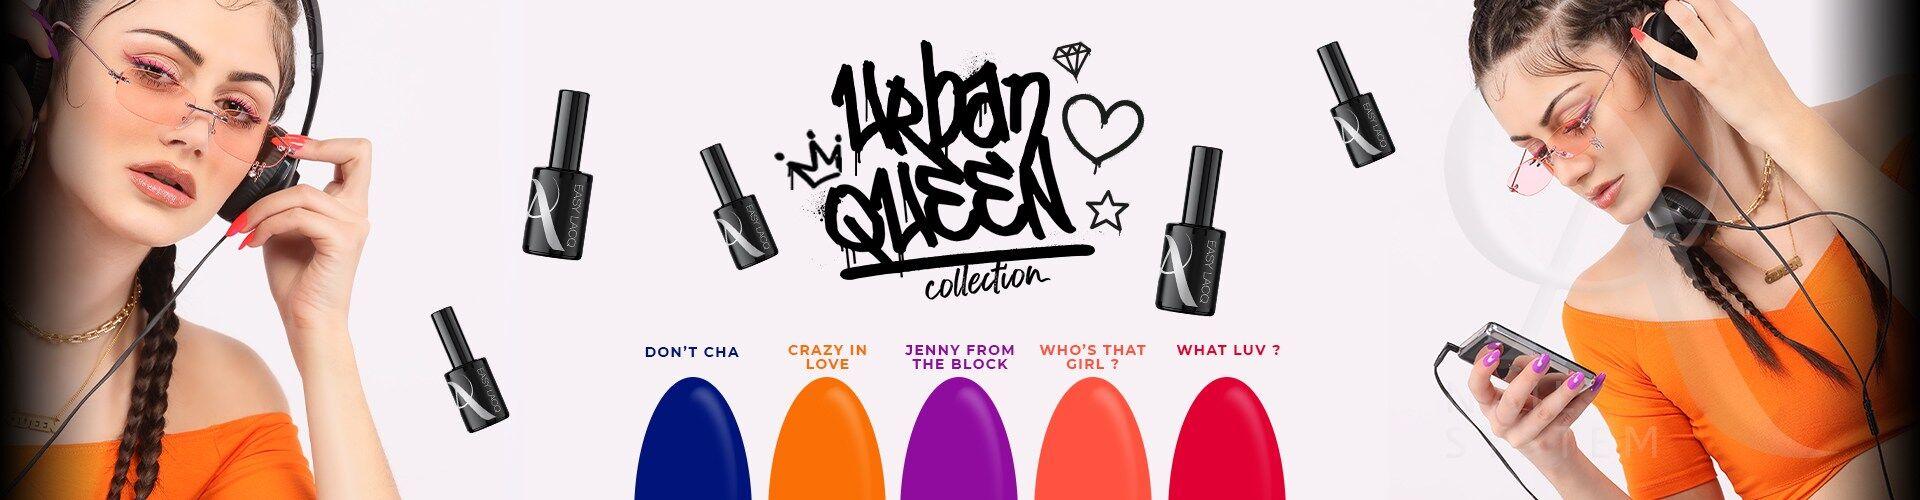 SLIDE 3 - Urban Queen